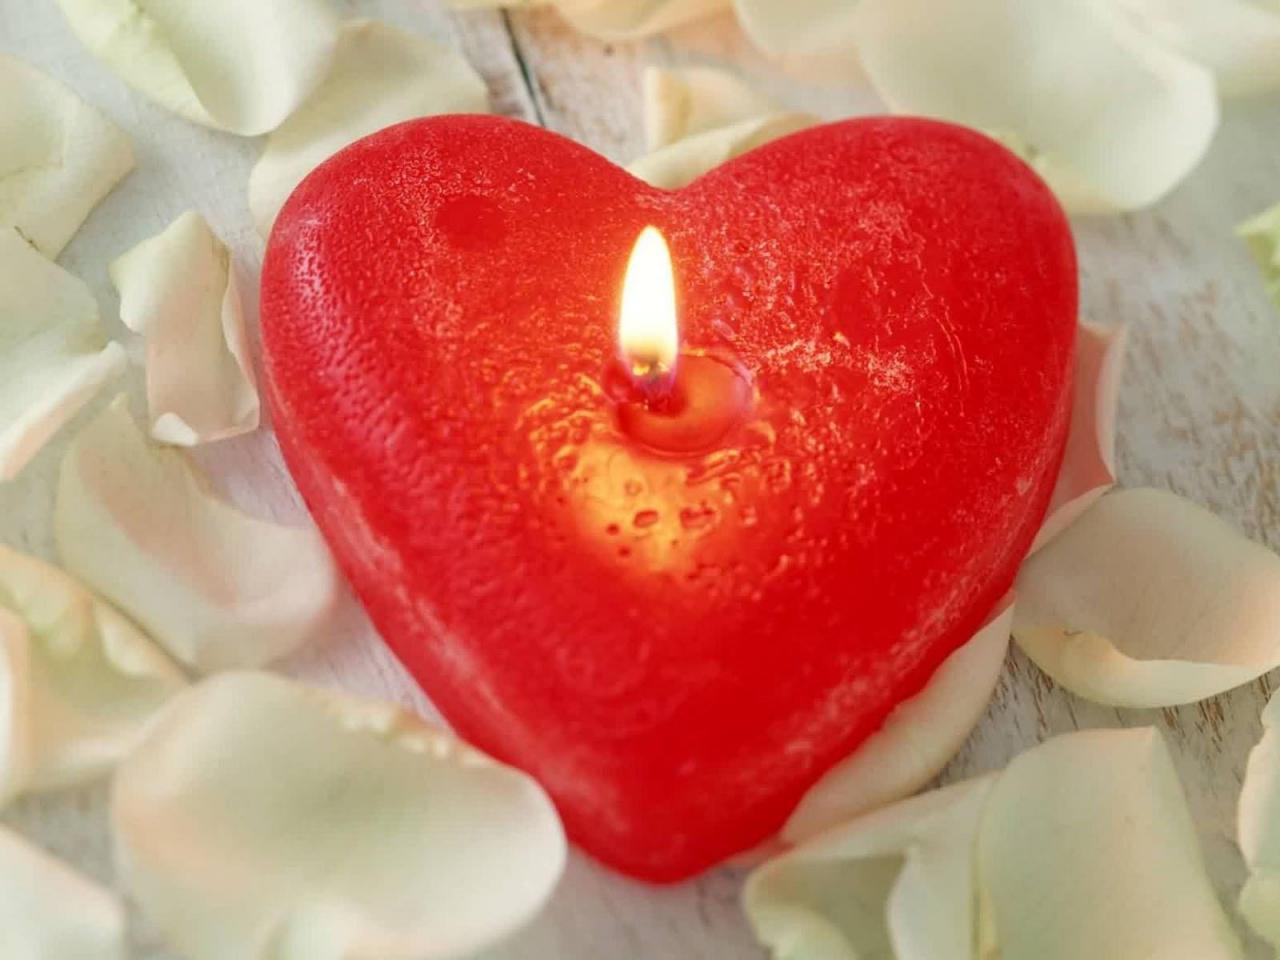 صورة اجمل رومانسيه , رسائل للحب و العشق و الغرام روووعة 667 6